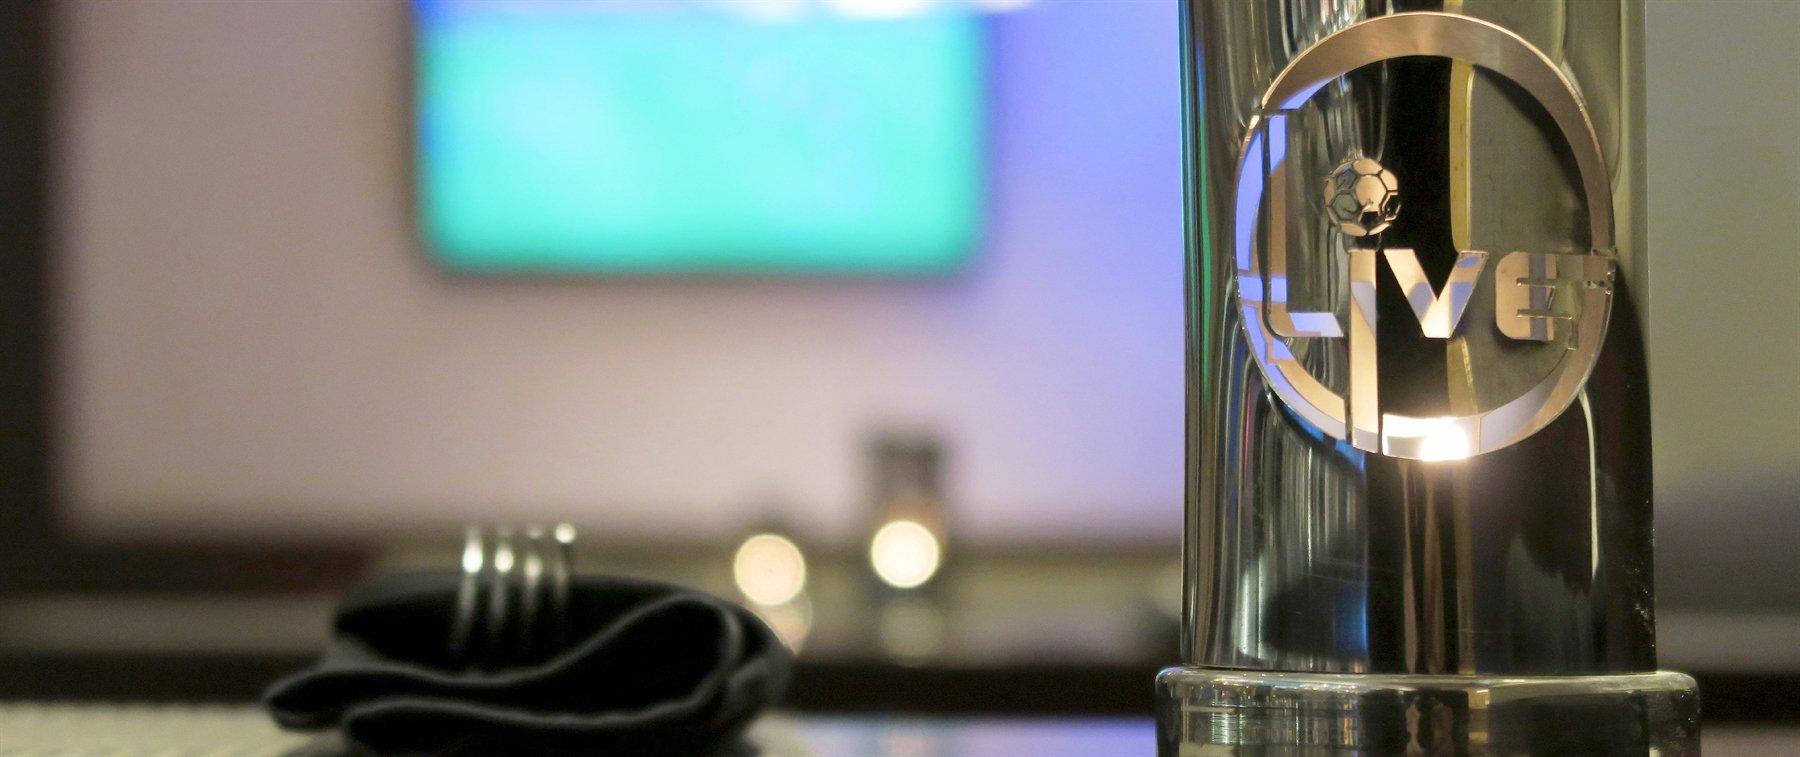 HD Indoor Screens